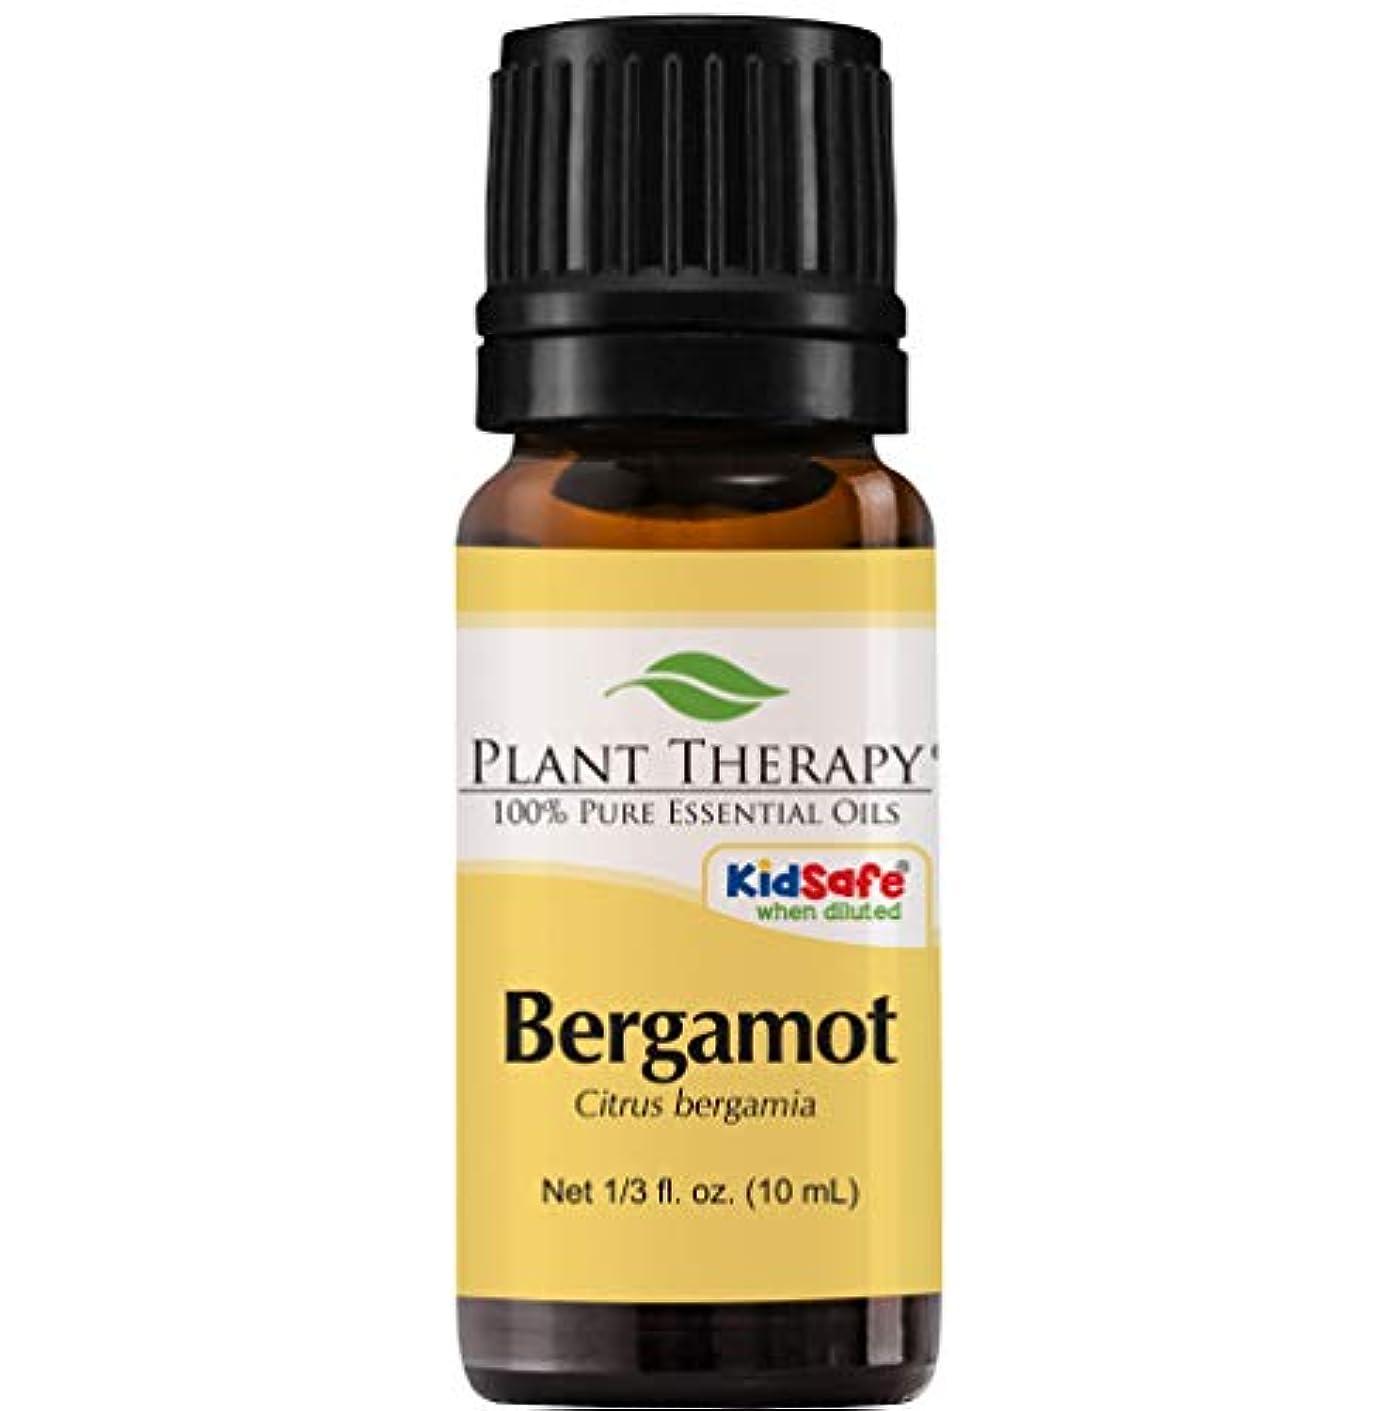 特権的畝間にPlant Therapy Essential Oils (プラントセラピー エッセンシャルオイル) ベルガモット エッセンシャルオイル